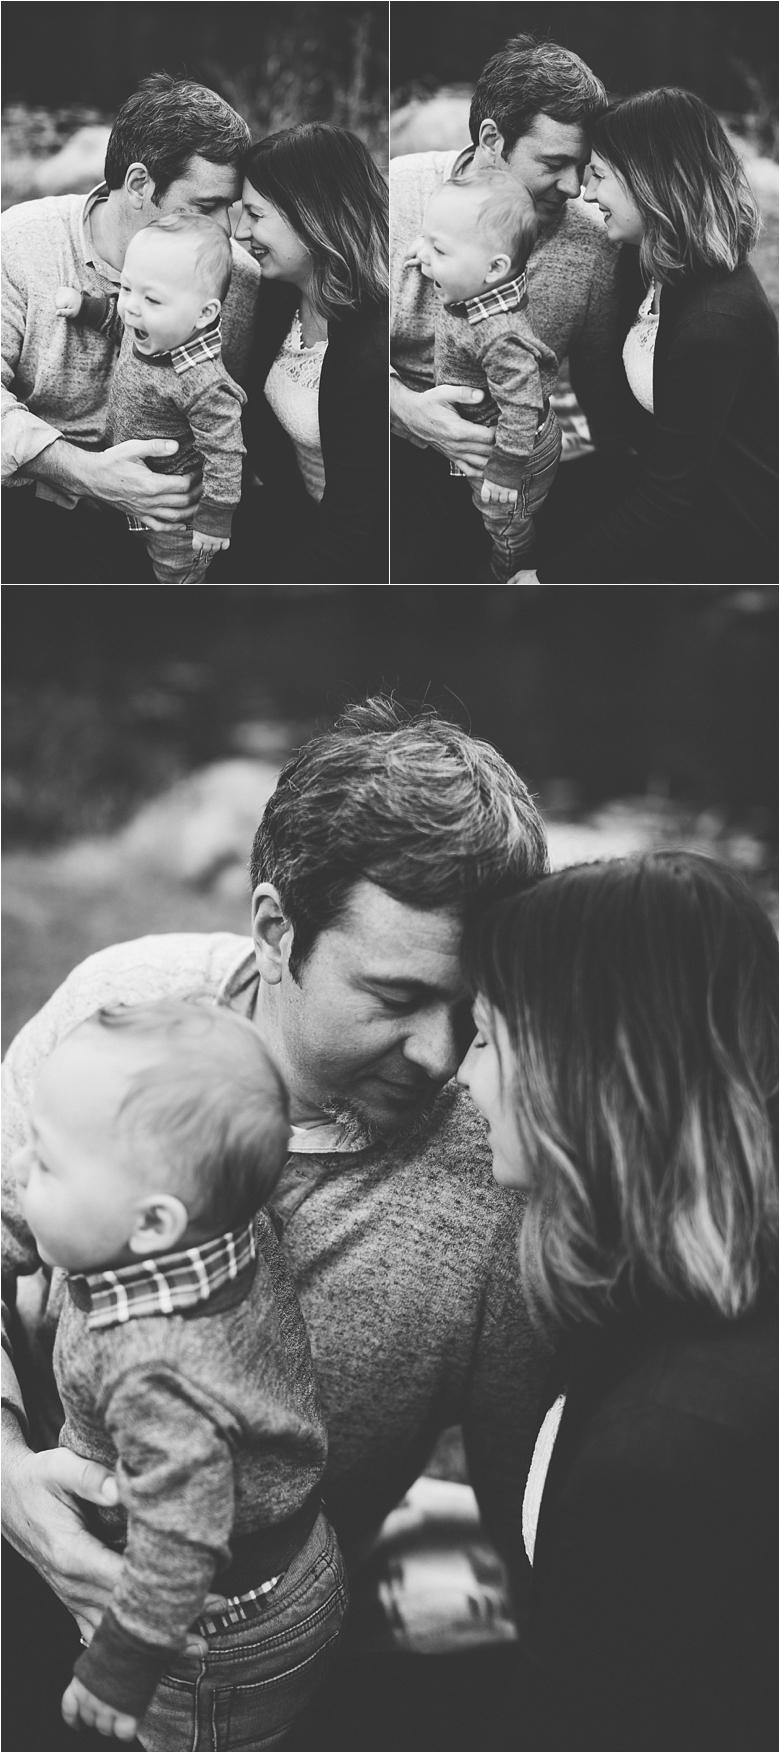 kansascitysfamilyphotographer_1007